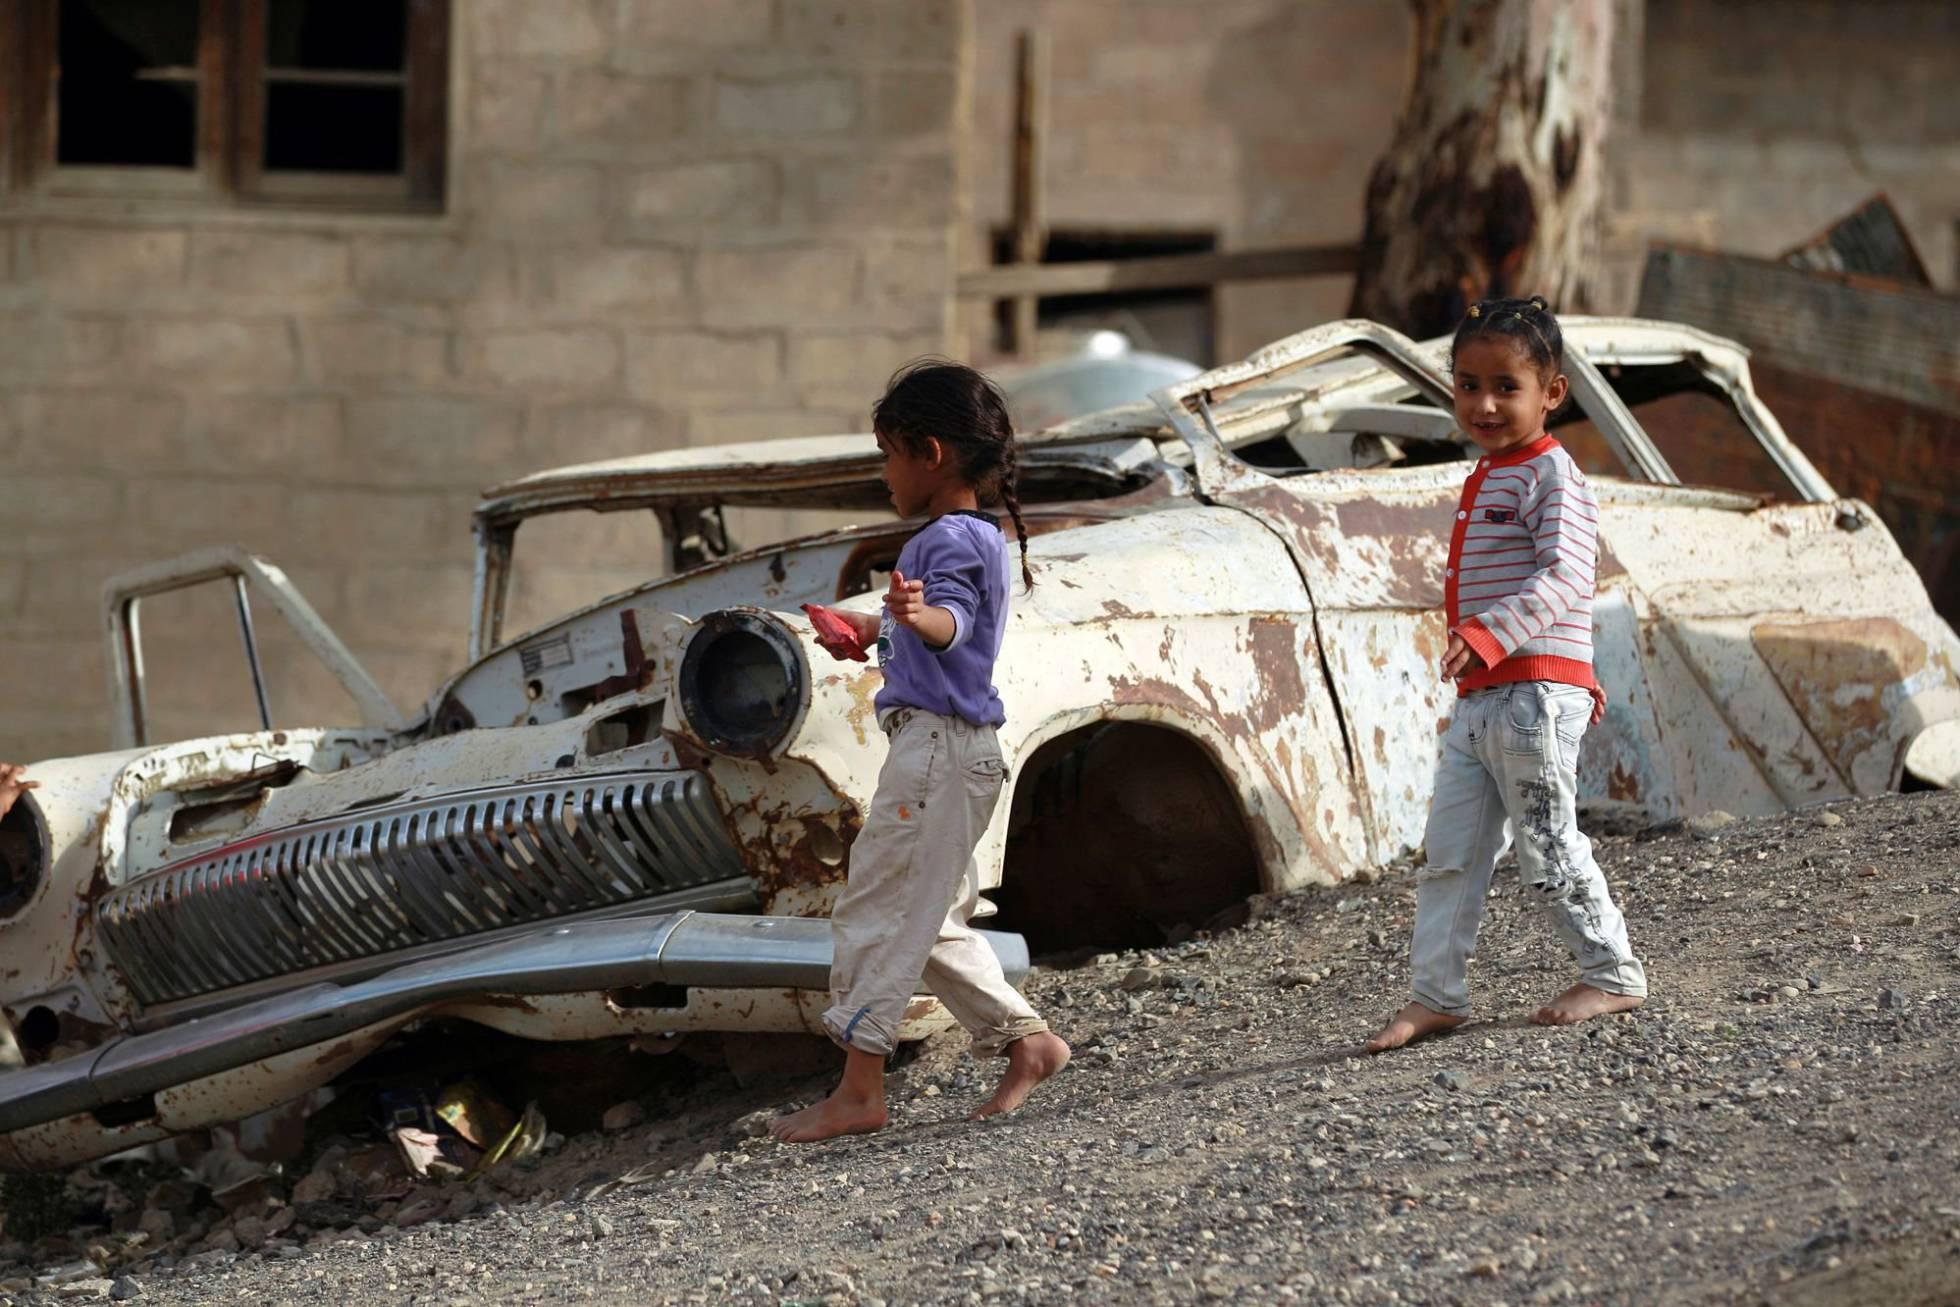 Conflicto en Yemen - Página 7 1466088483_228710_1466090110_noticia_normal_recorte1